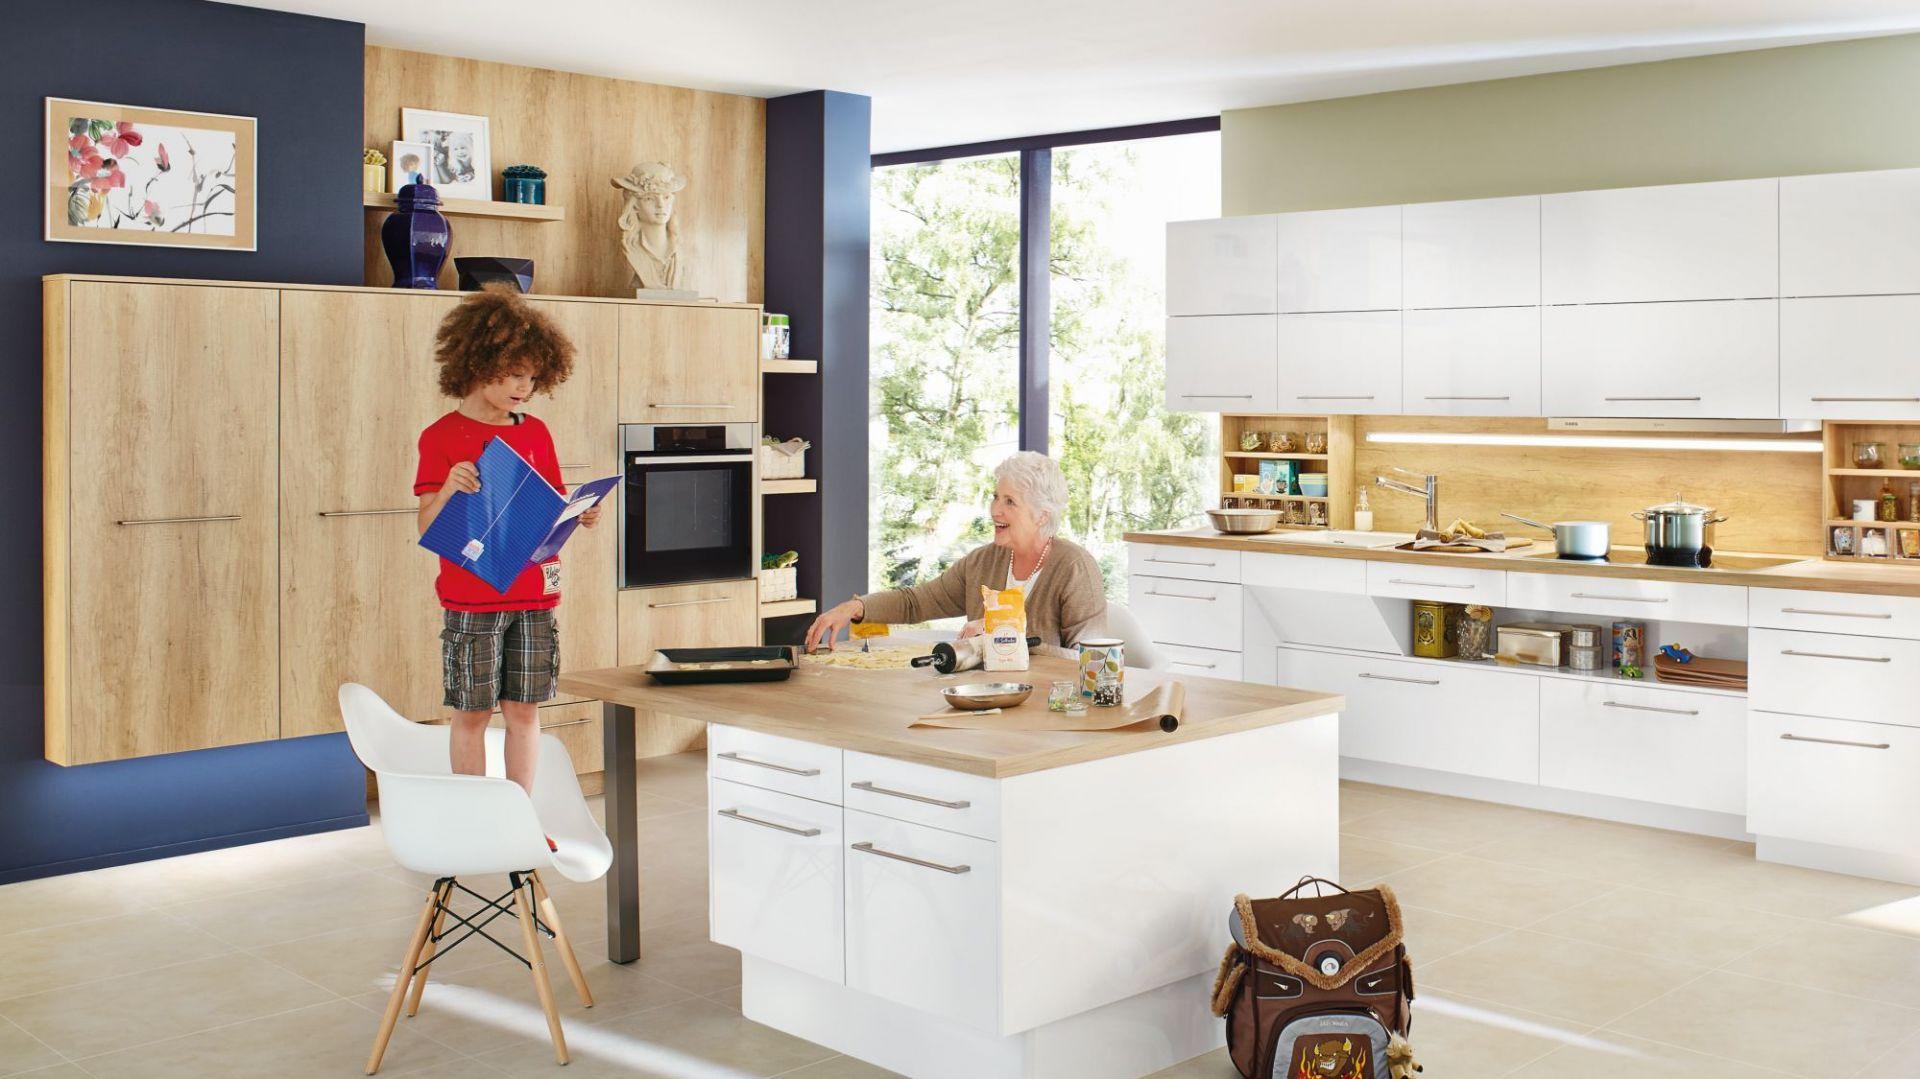 Drewno sprawi, że nawet biała kuchnia stanie się bardziej przytulna - zwłaszcza te o jasnym, wyrazistym usłojeniu. Fot. Ballerina Küchen